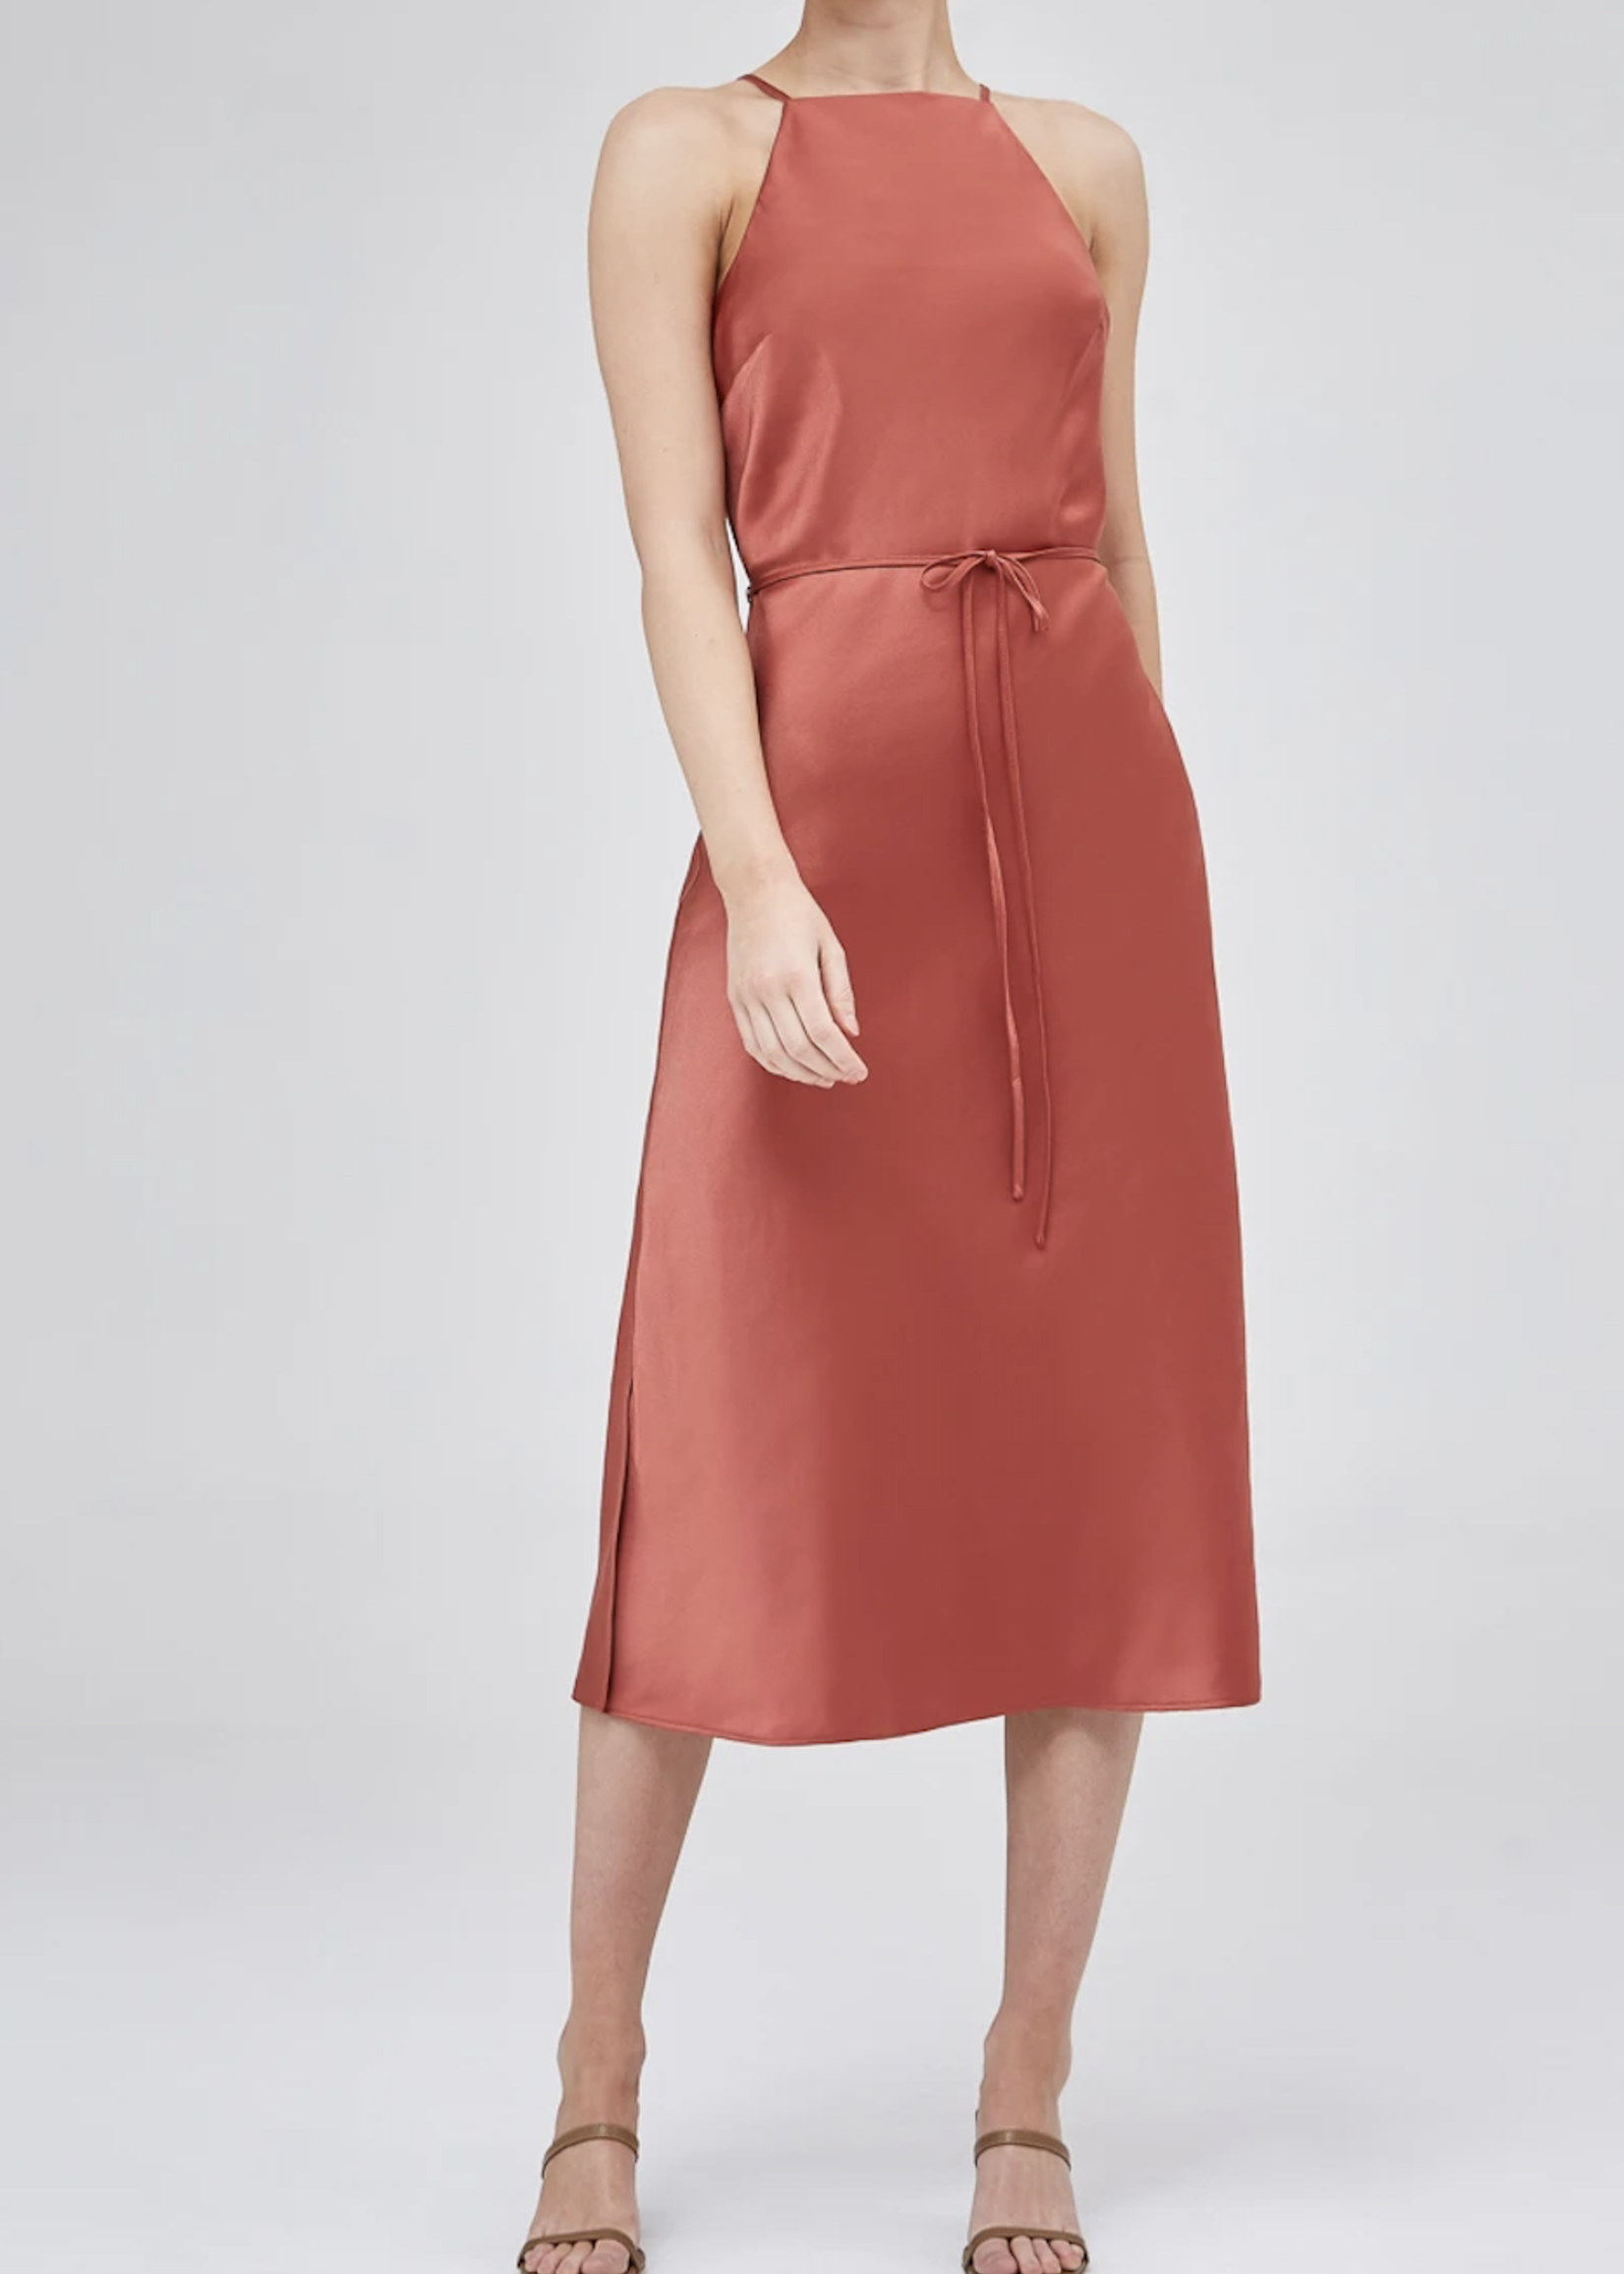 Elitaire Boutique Bisque Midi Dress